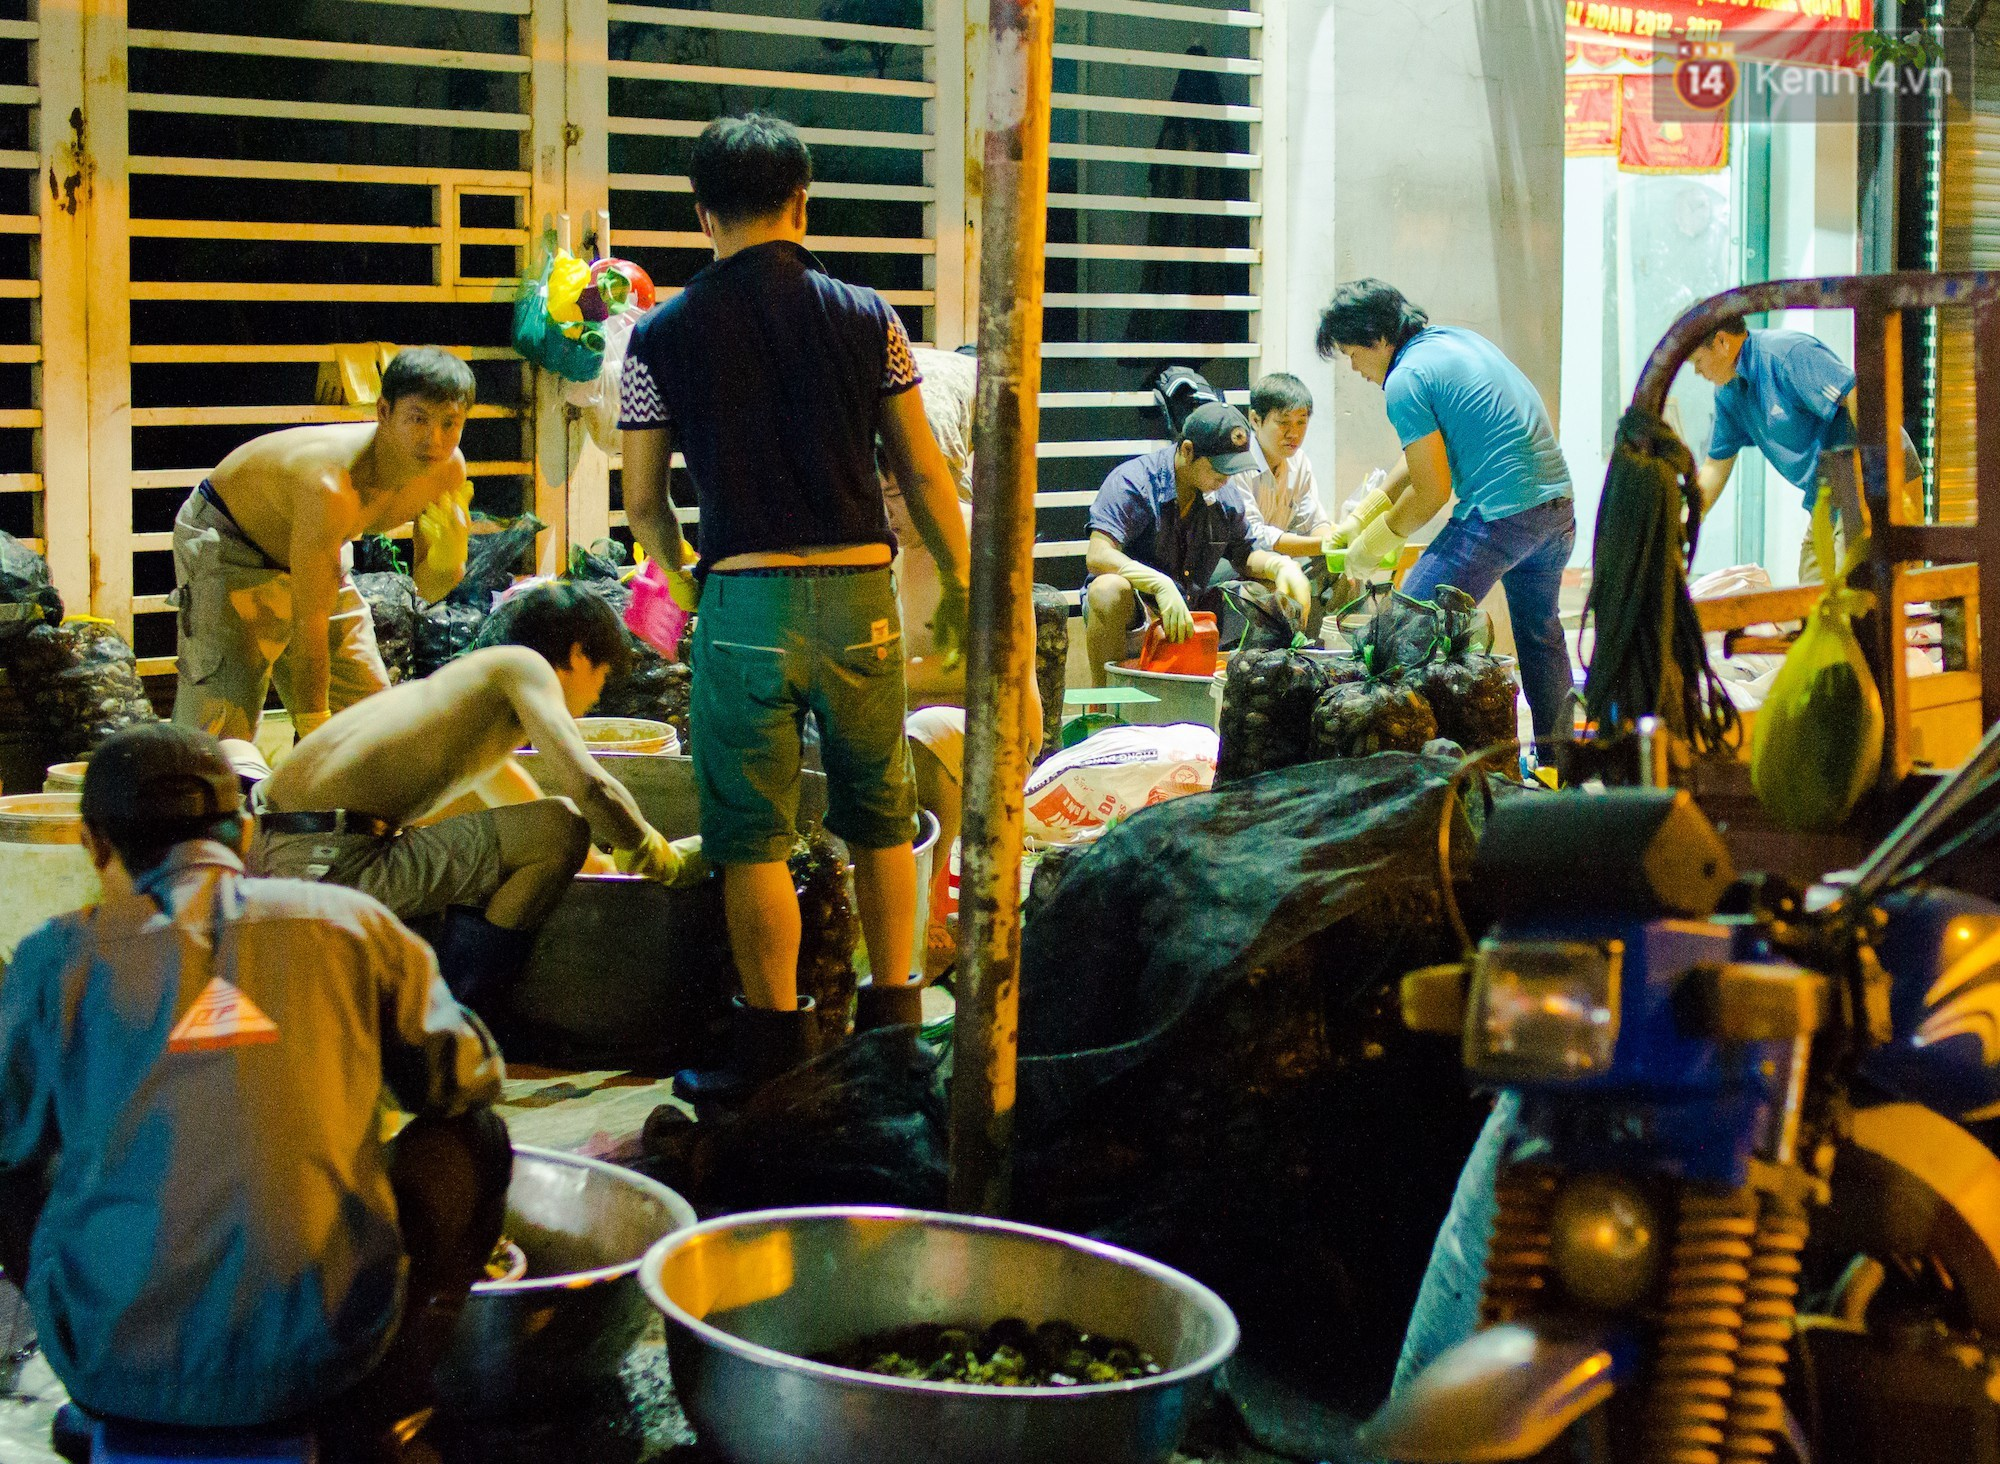 Chợ cua đặc biệt ở Sài Gòn: Suốt 50 năm chỉ tụ họp buôn bán lúc nửa đêm - Ảnh 2.